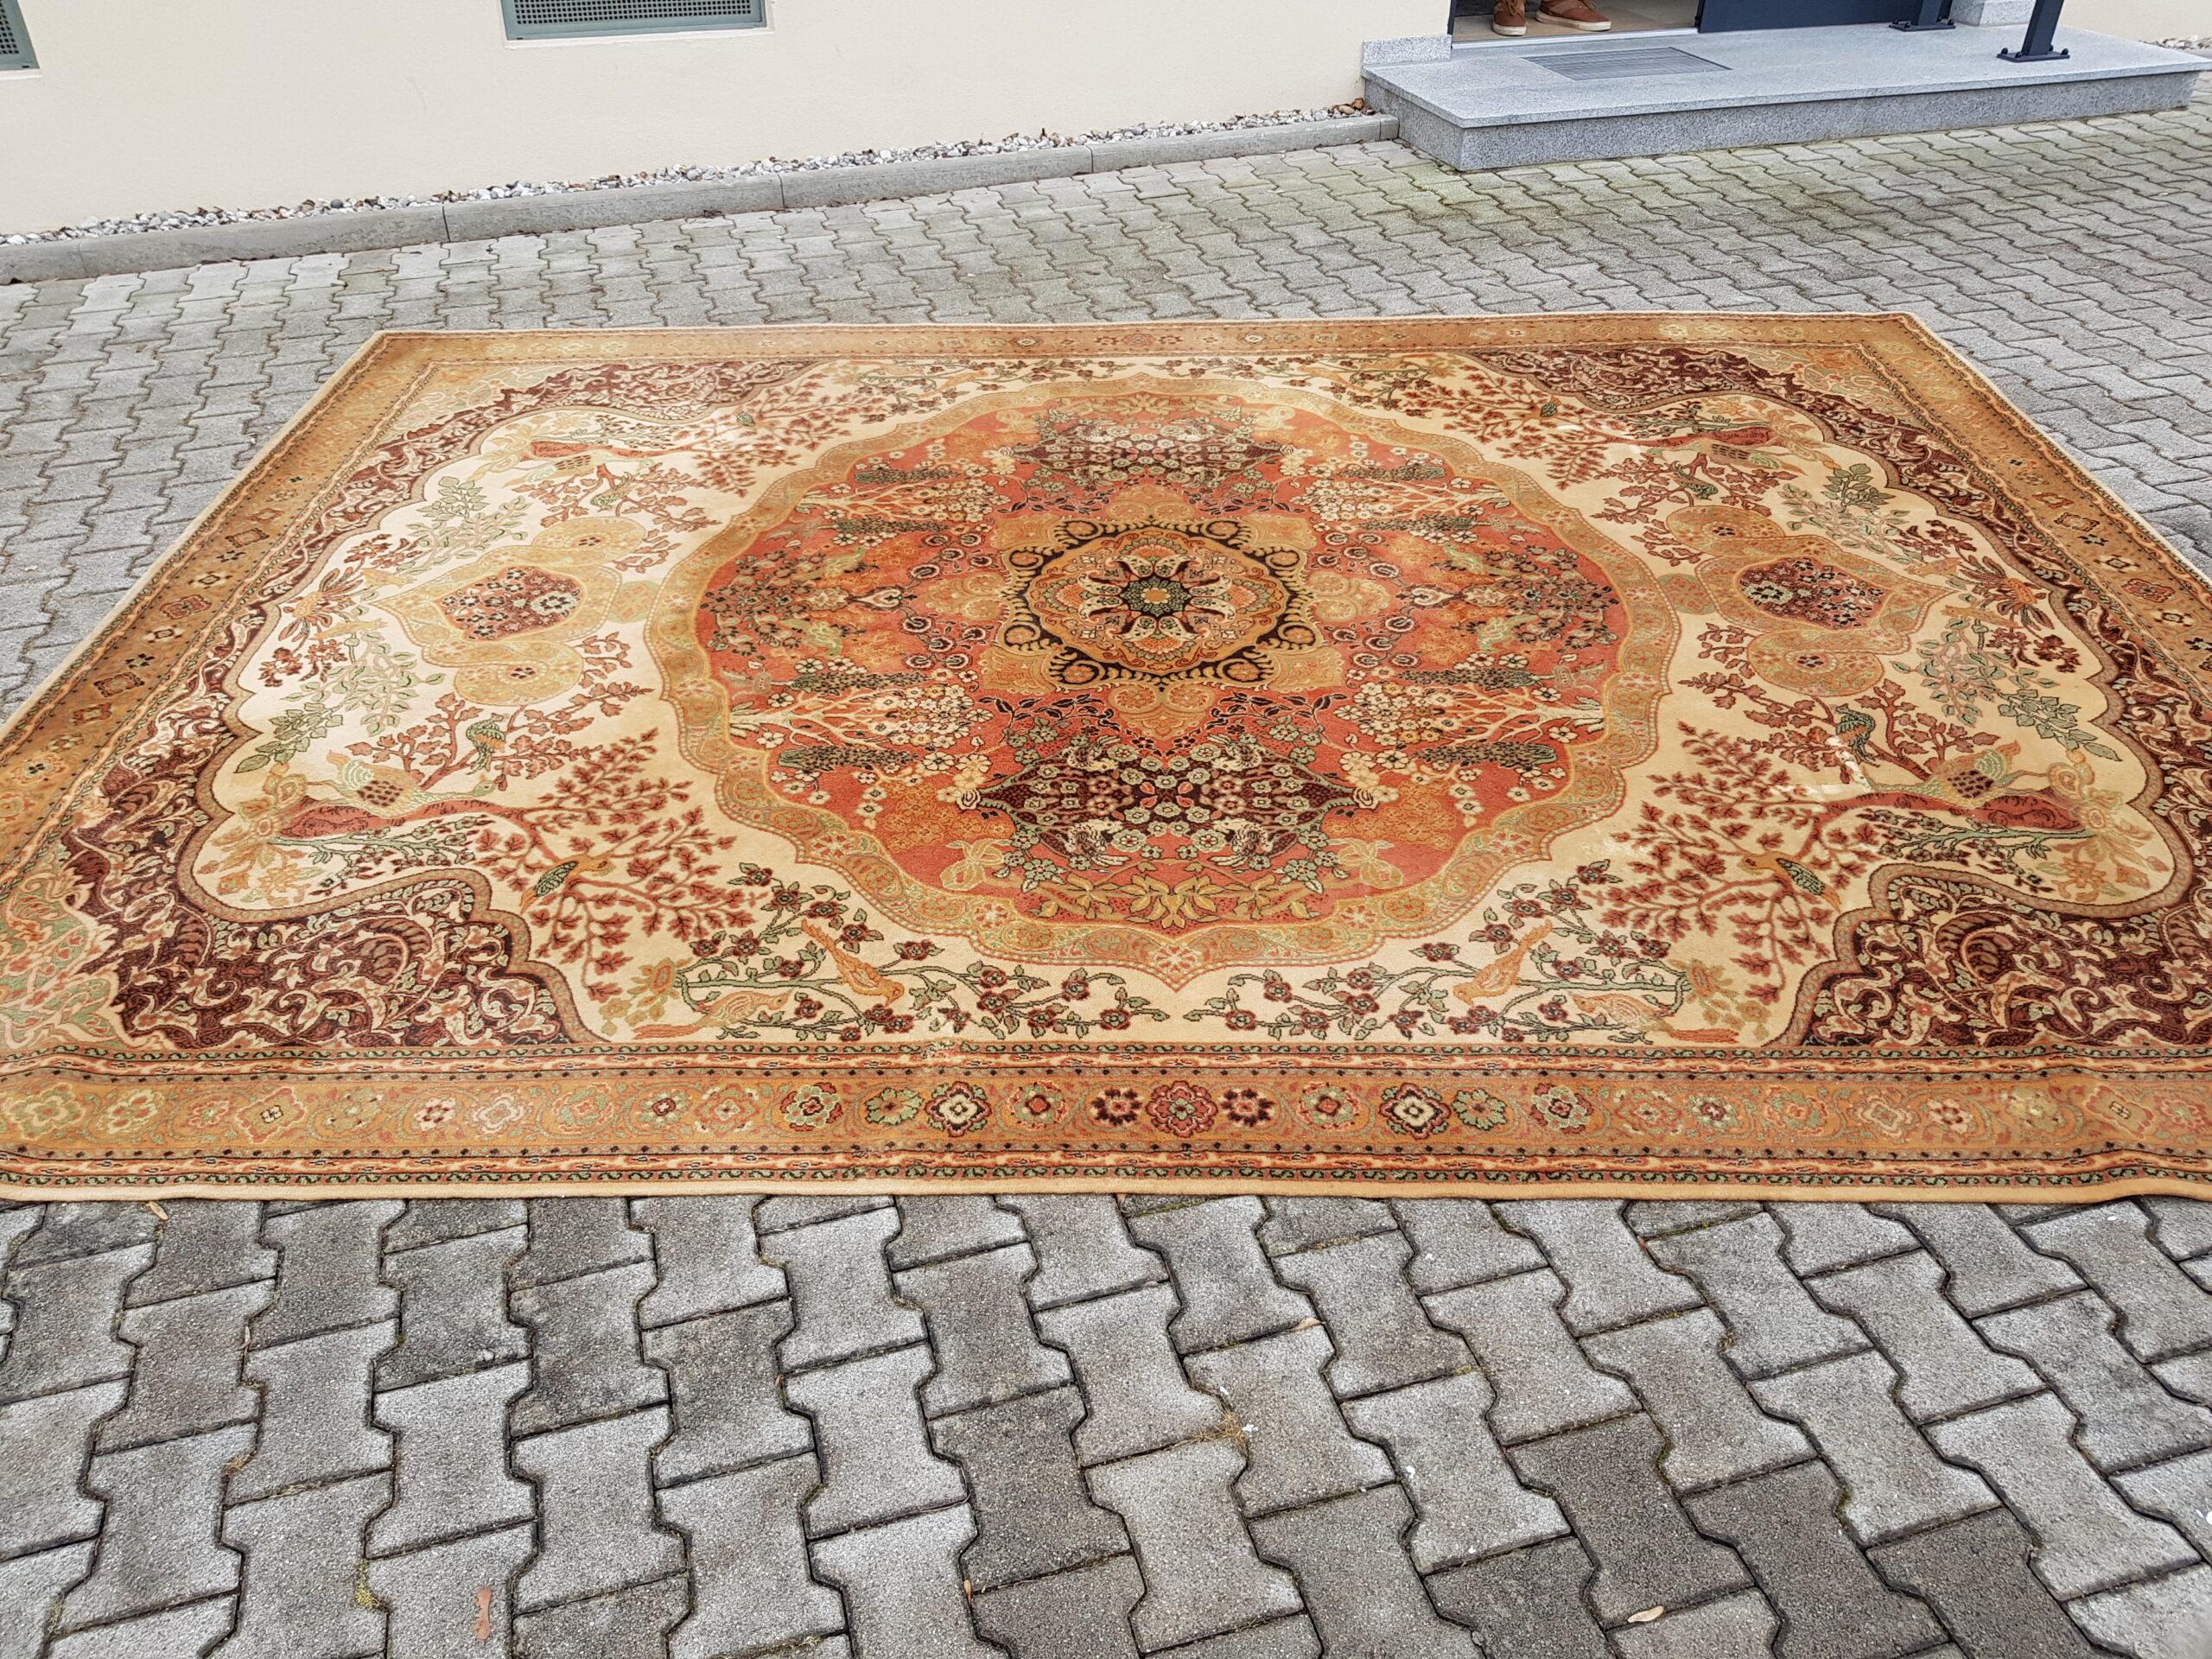 Full Size of Teppich Wohnzimmer Küche Badezimmer Steinteppich Bad Schlafzimmer Für Esstisch Teppiche Wohnzimmer Teppich 300x400